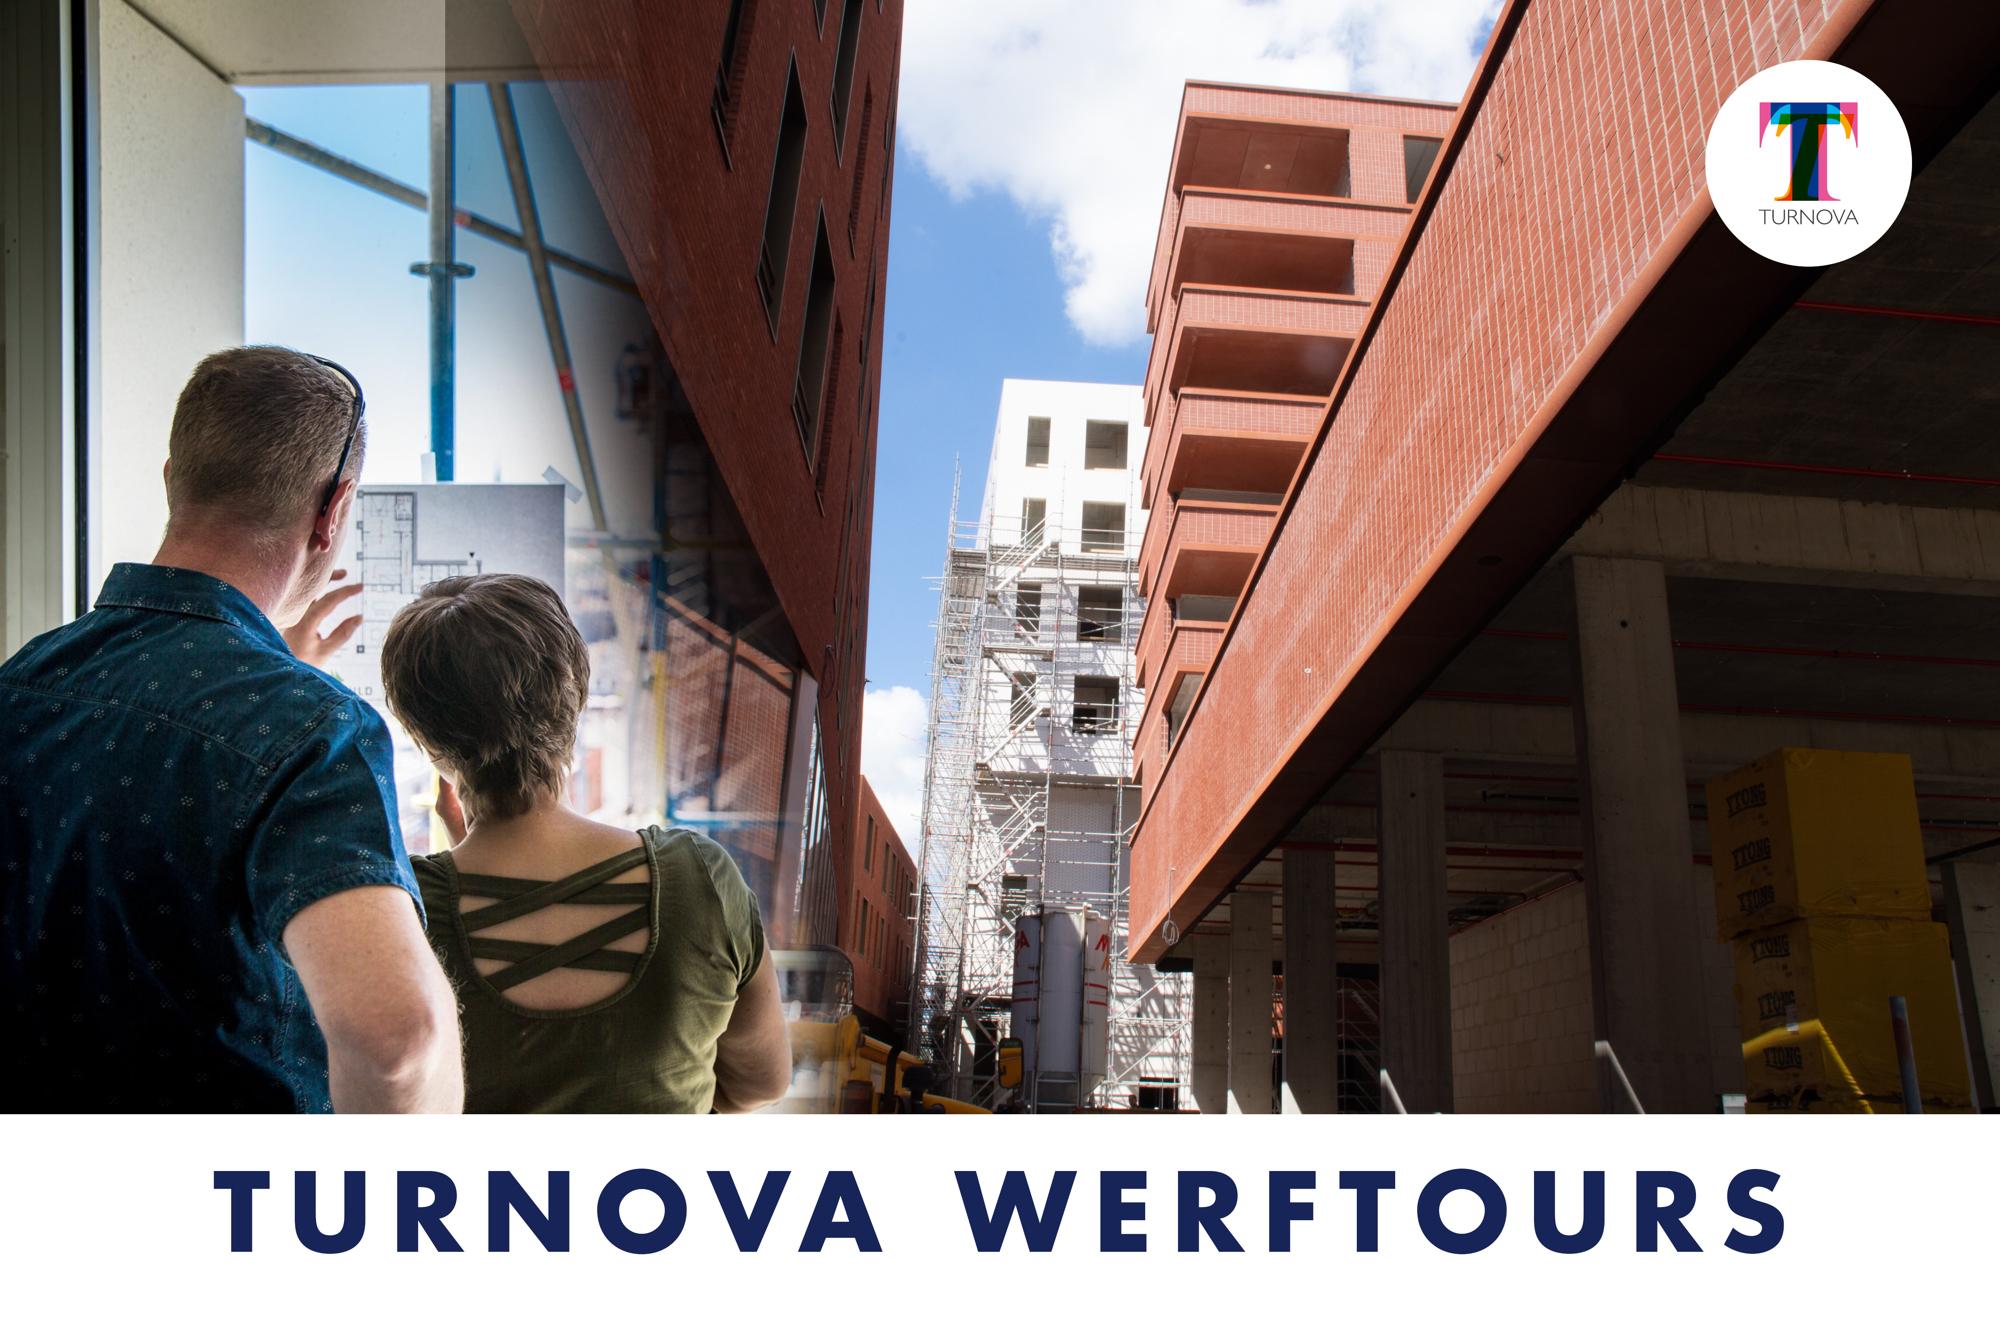 Ontdek Turnova tijdens de werftours op 6 en 28 juli!